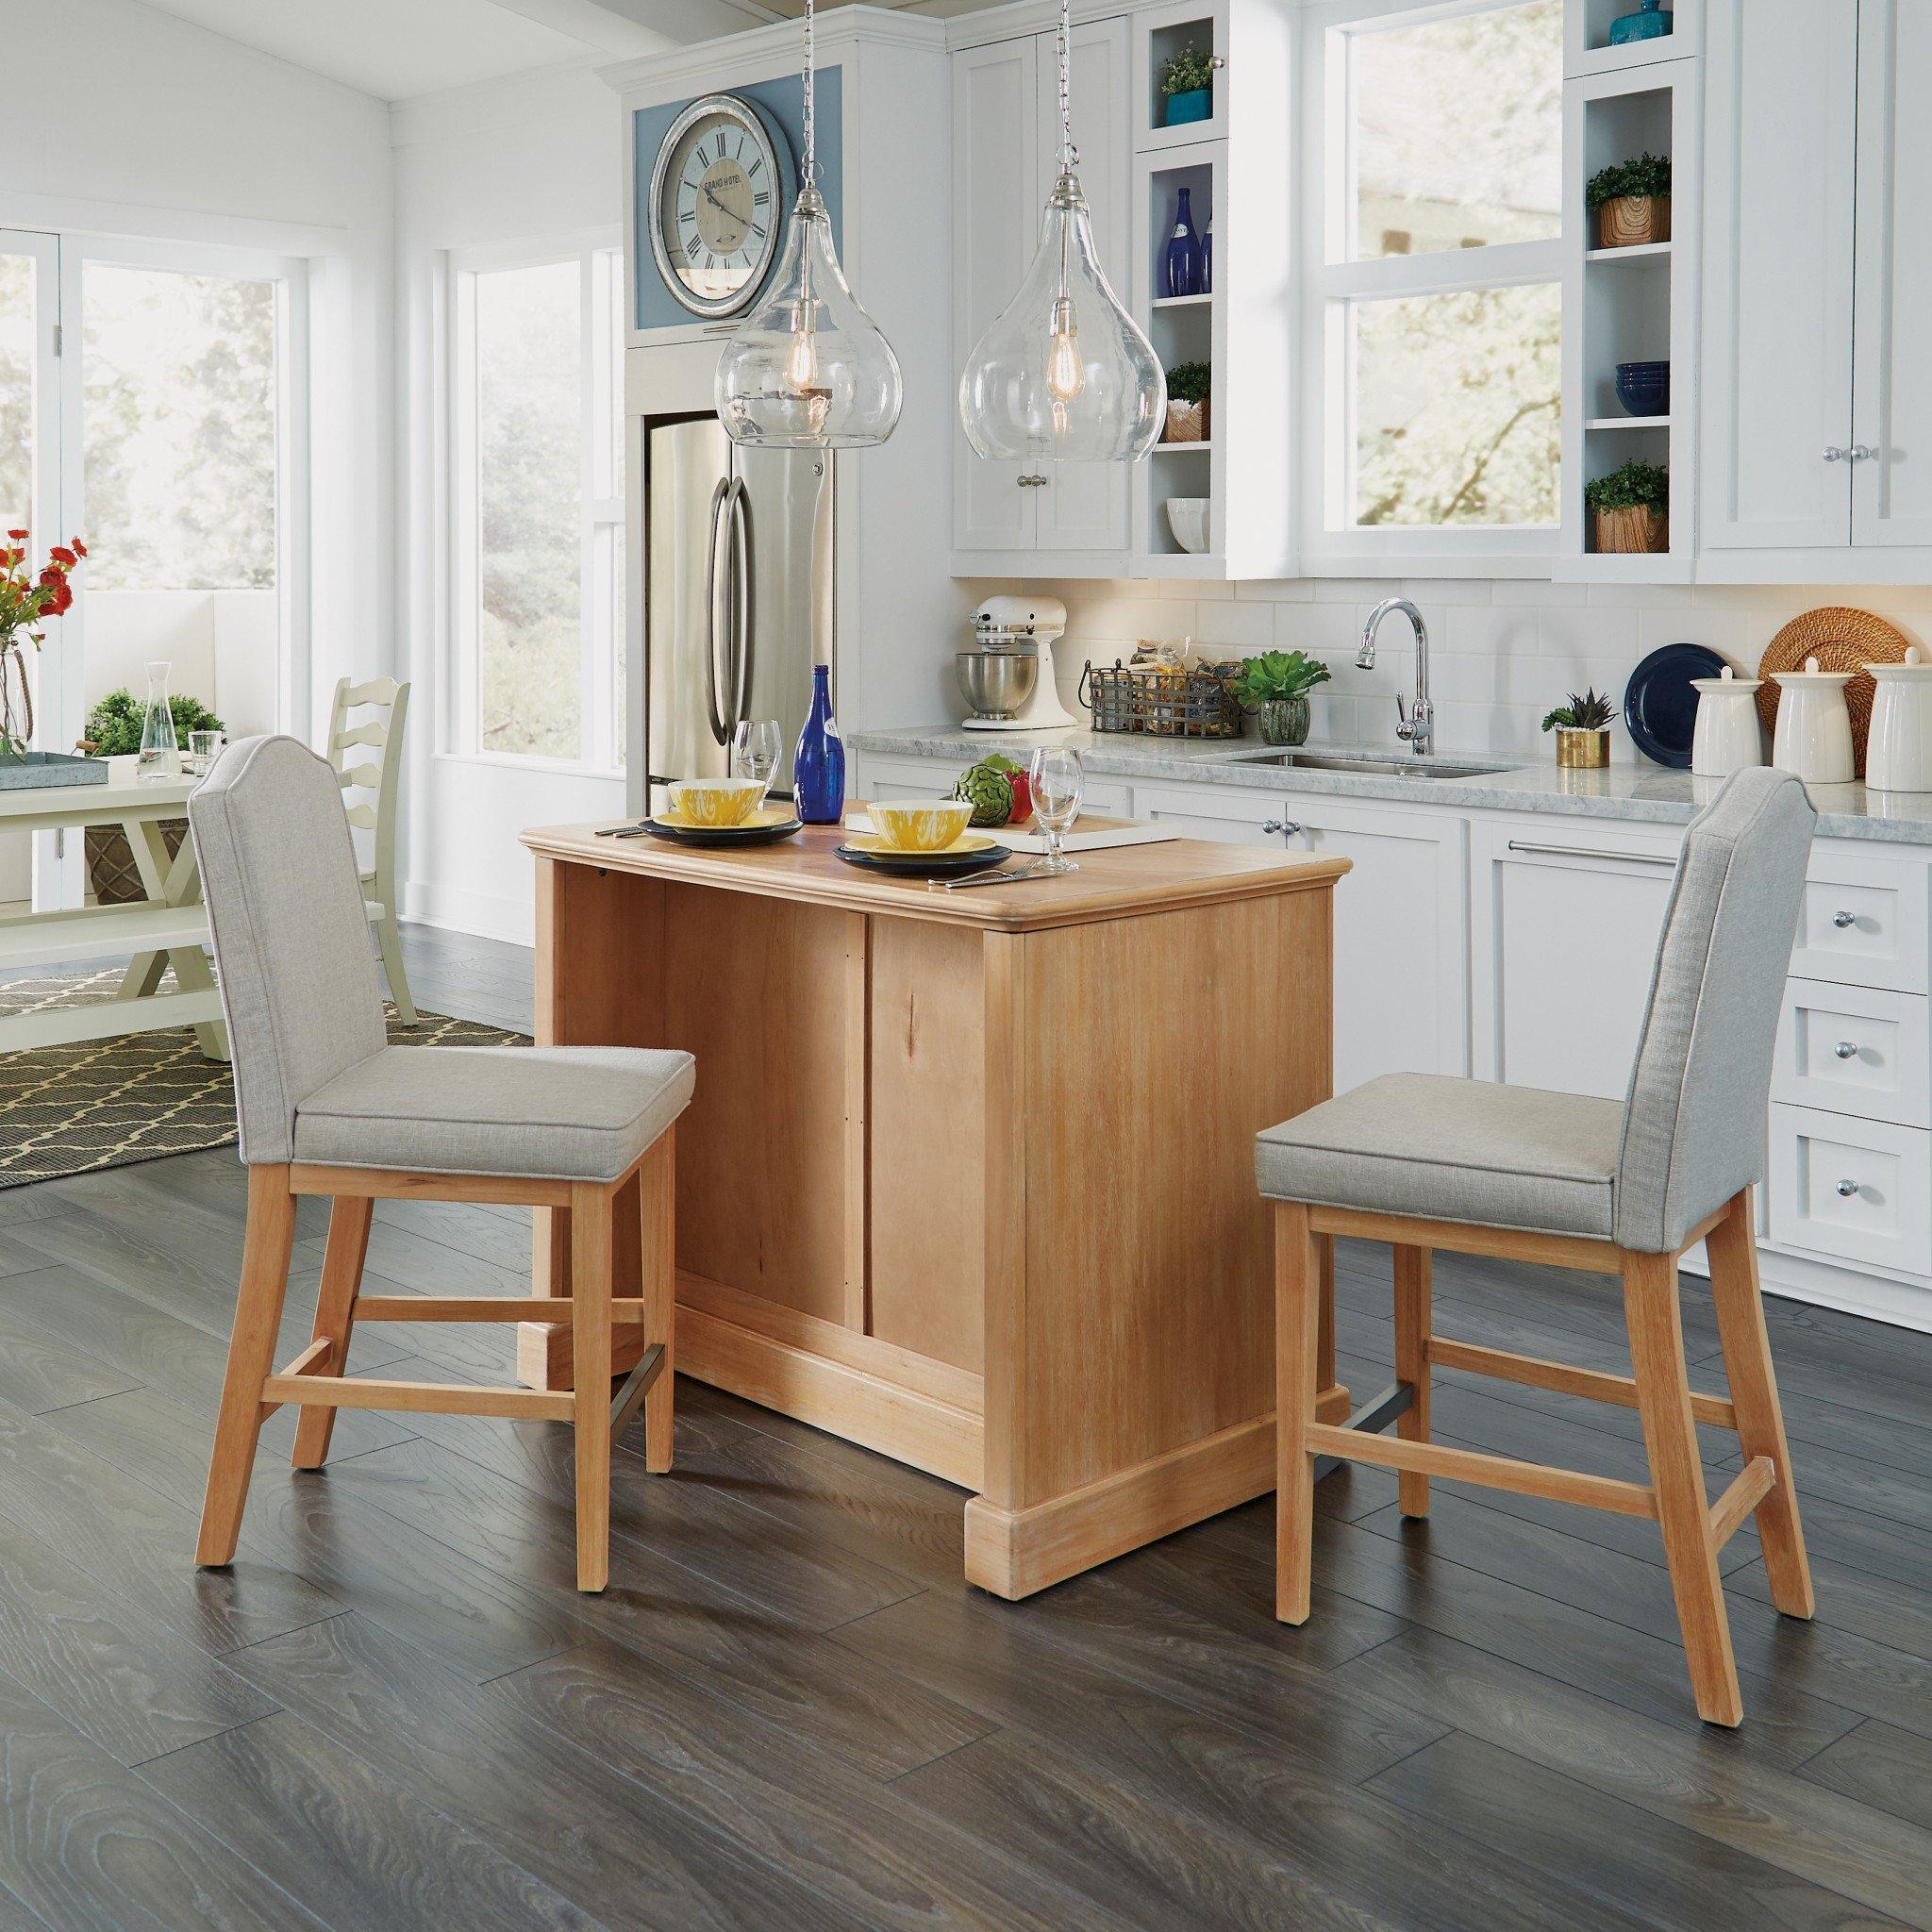 HomestylesClaire 3 Piece Kitchen Island Set